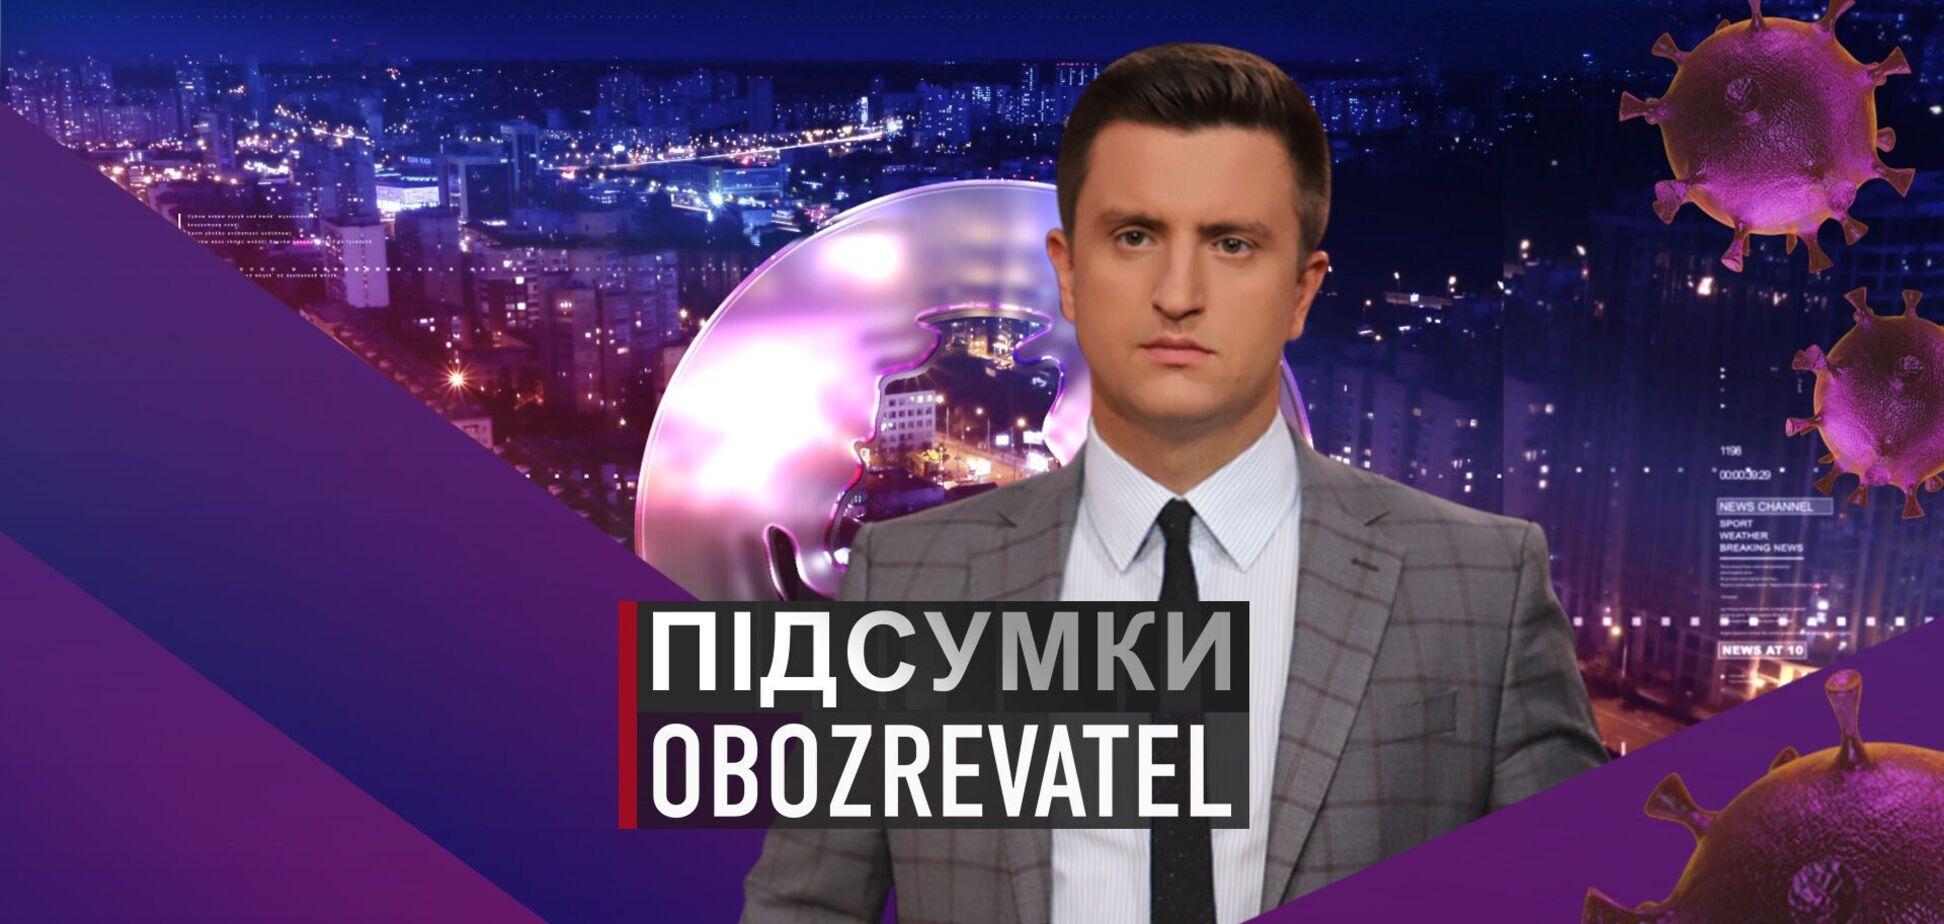 Підсумки з Вадимом Колодійчуком. Середа, 31 березня